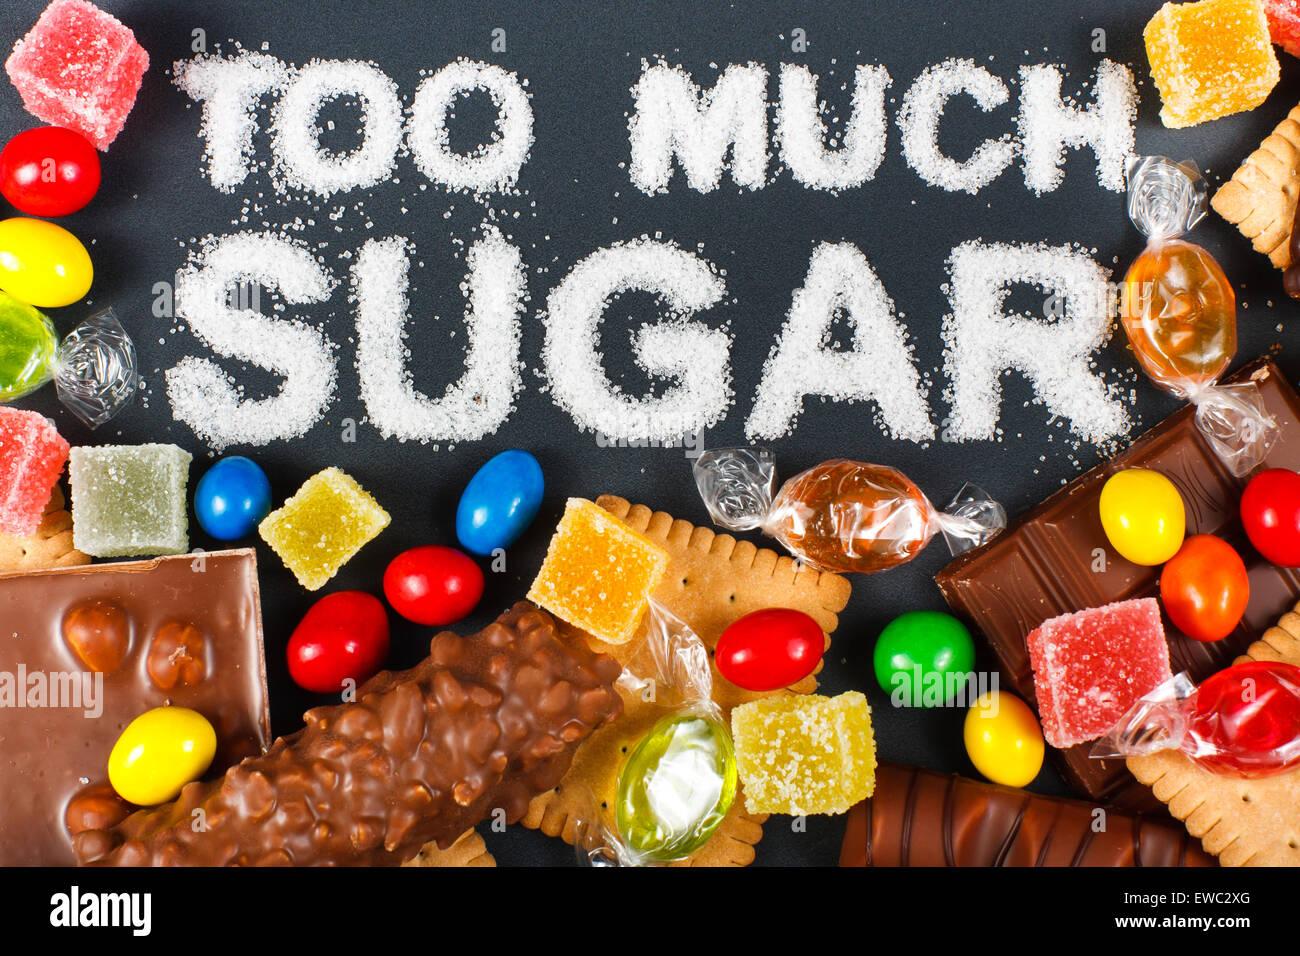 Unhealthy food concept - sugar - Stock Image